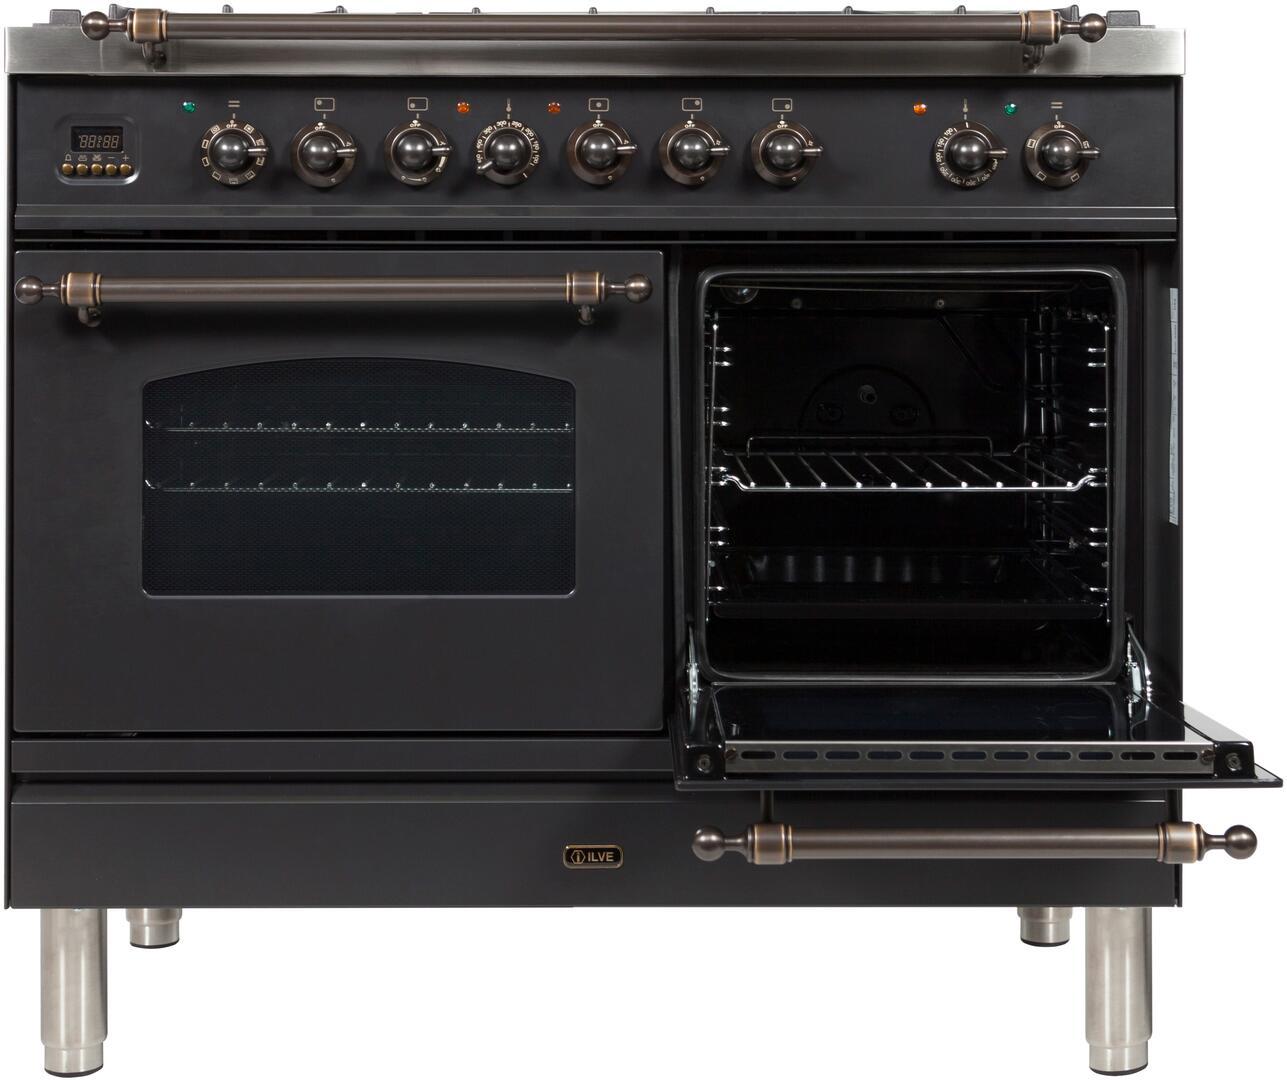 Ilve Nostalgie UPDN100FDMPMY Freestanding Dual Fuel Range Slate, UPDN100FDMPMY Secondary Oven Door Opened